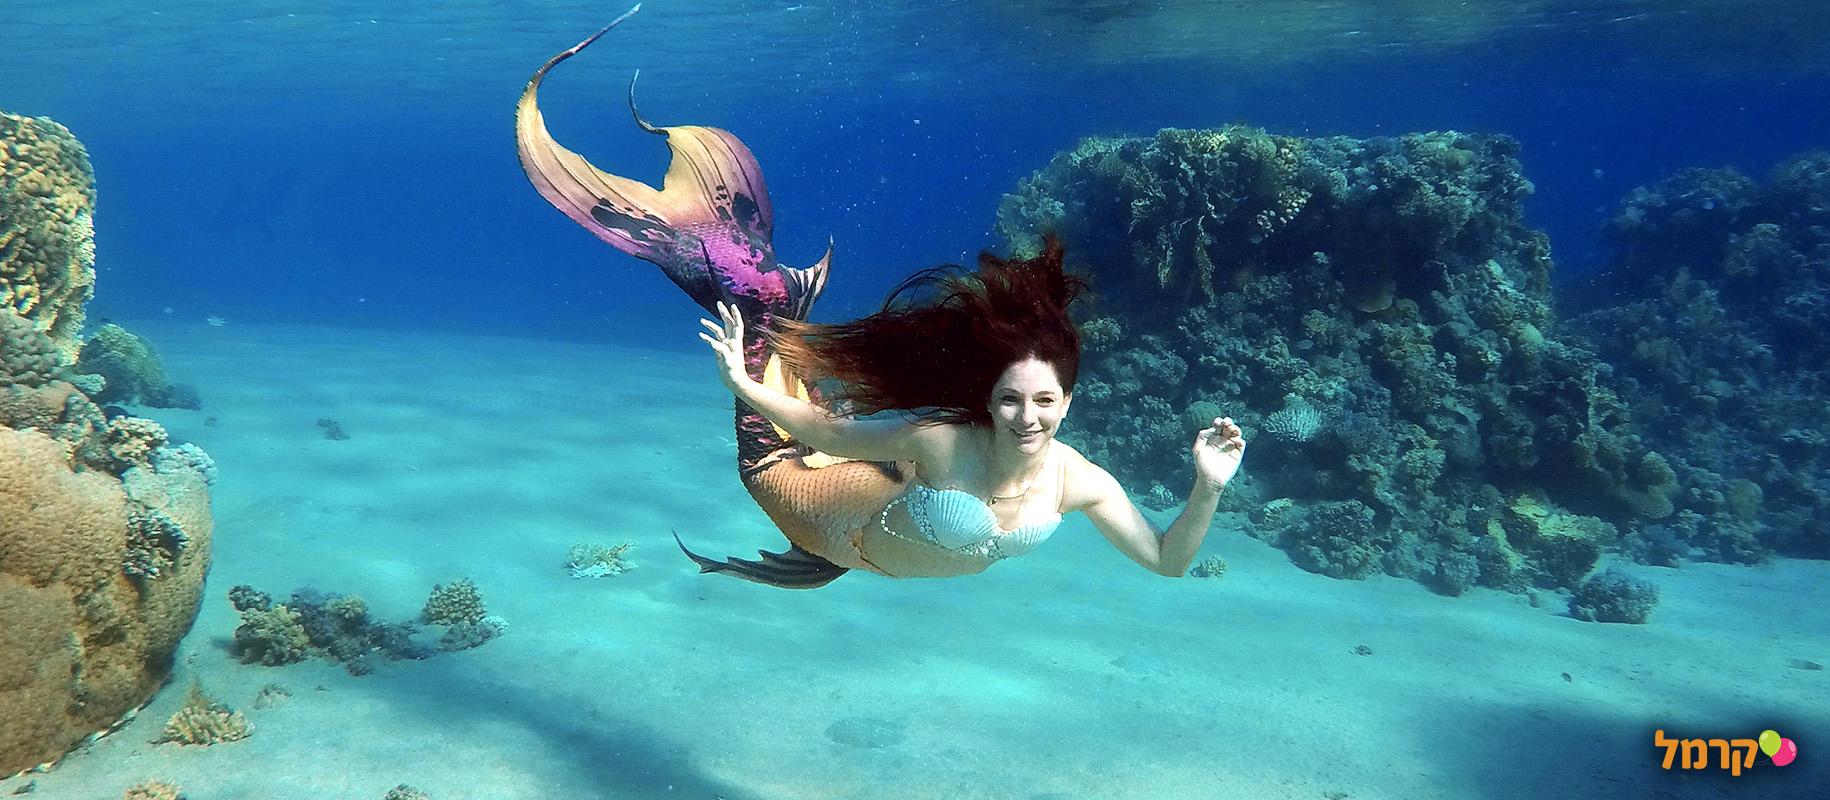 עולם בת הים - 073-7026692